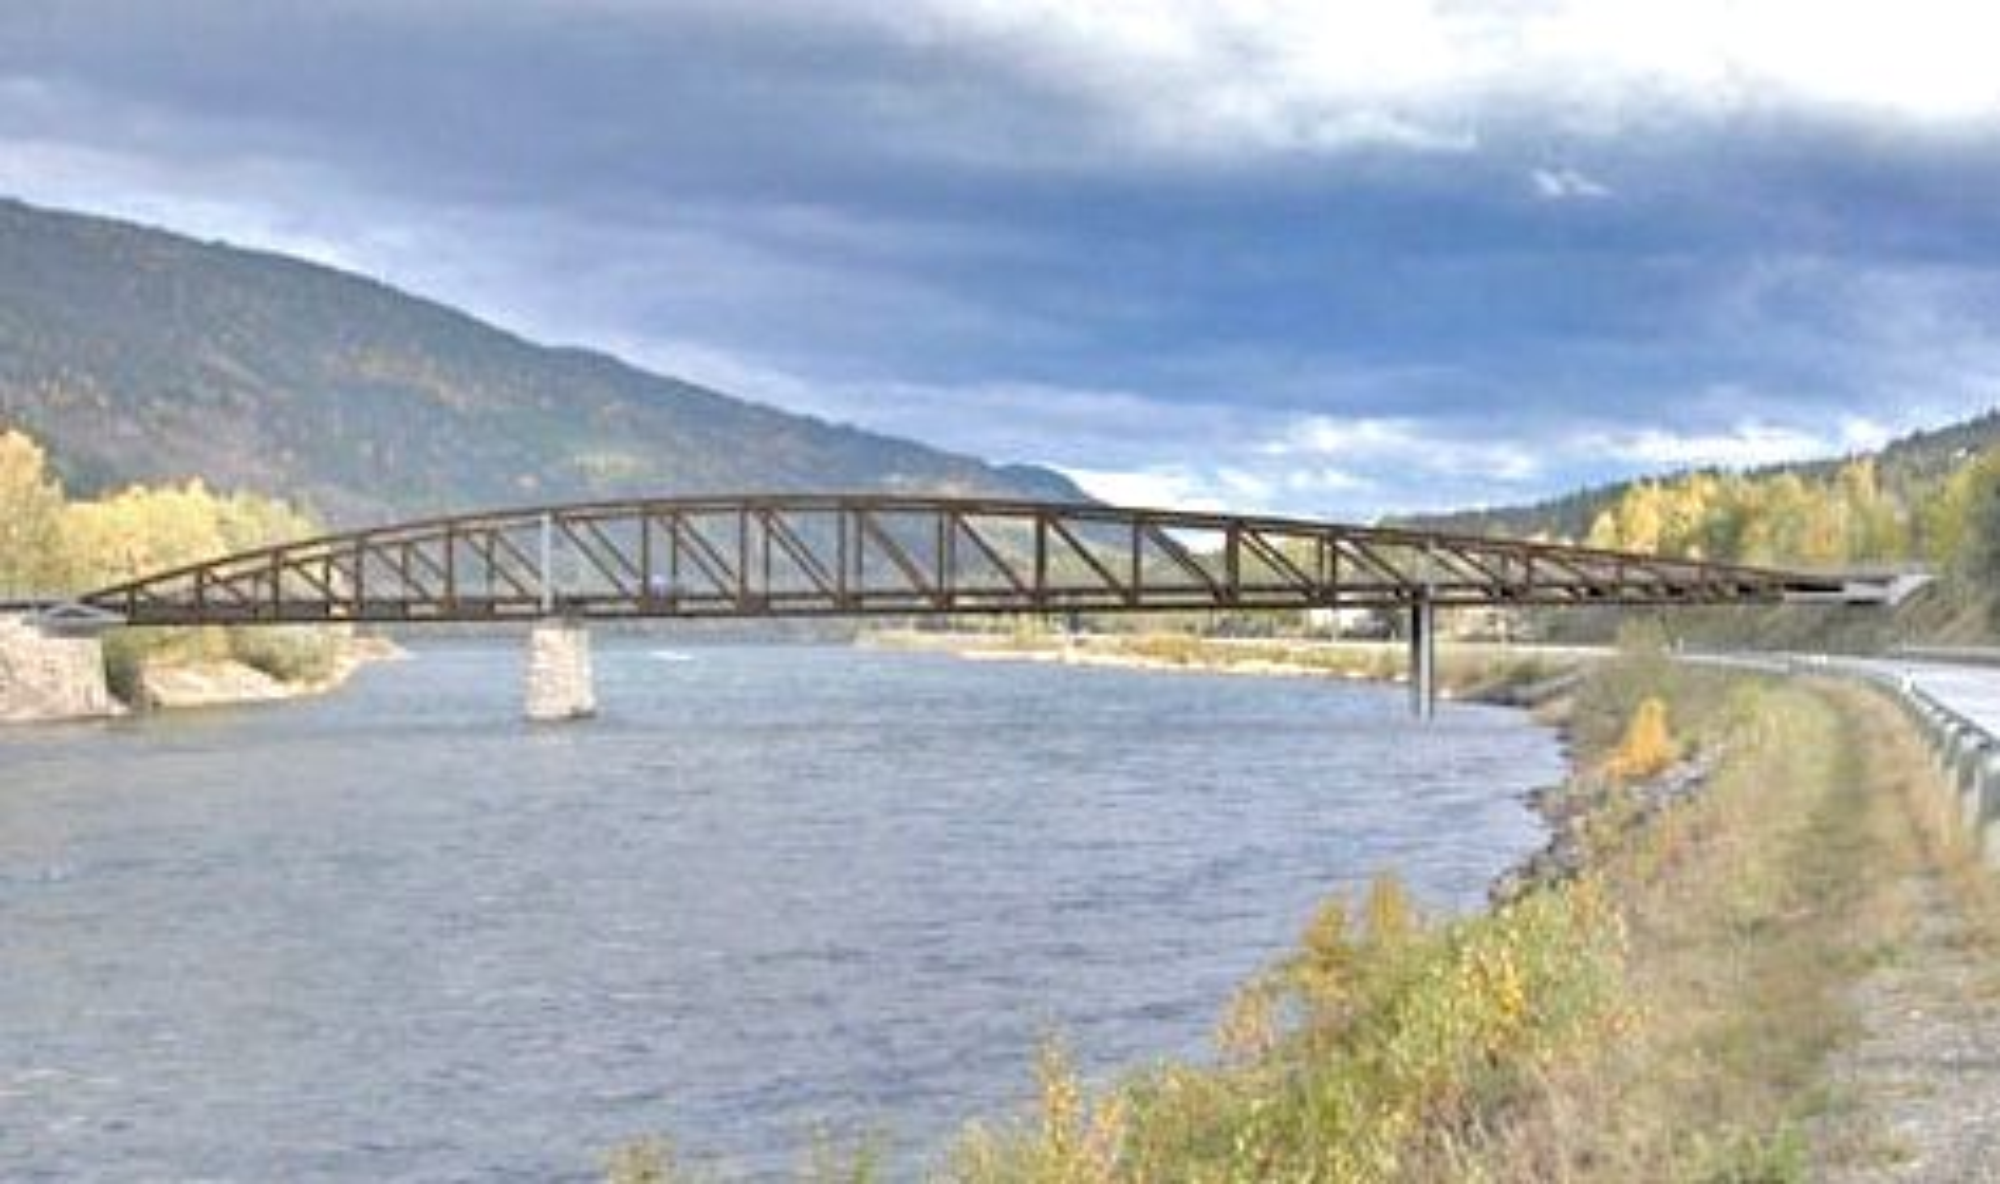 Denne asymmetriske brua skal føre fylkesveg 254 over Lågen om et år. Den som vil bygge den, må gi anbud innen 7. juli. Ill.: Plan Arkitekter